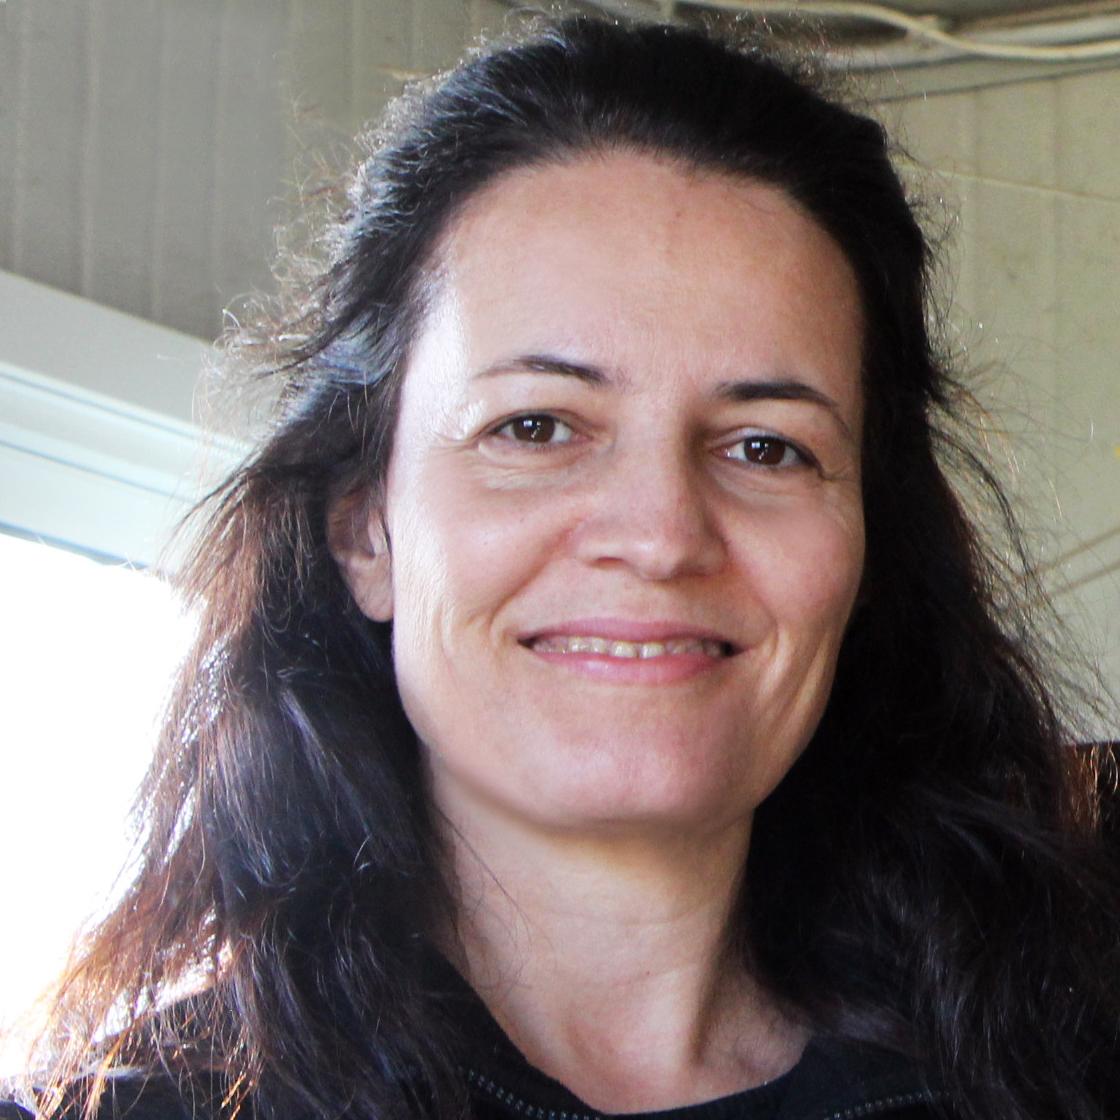 Laura Olalde - Laura Olalde.jpg